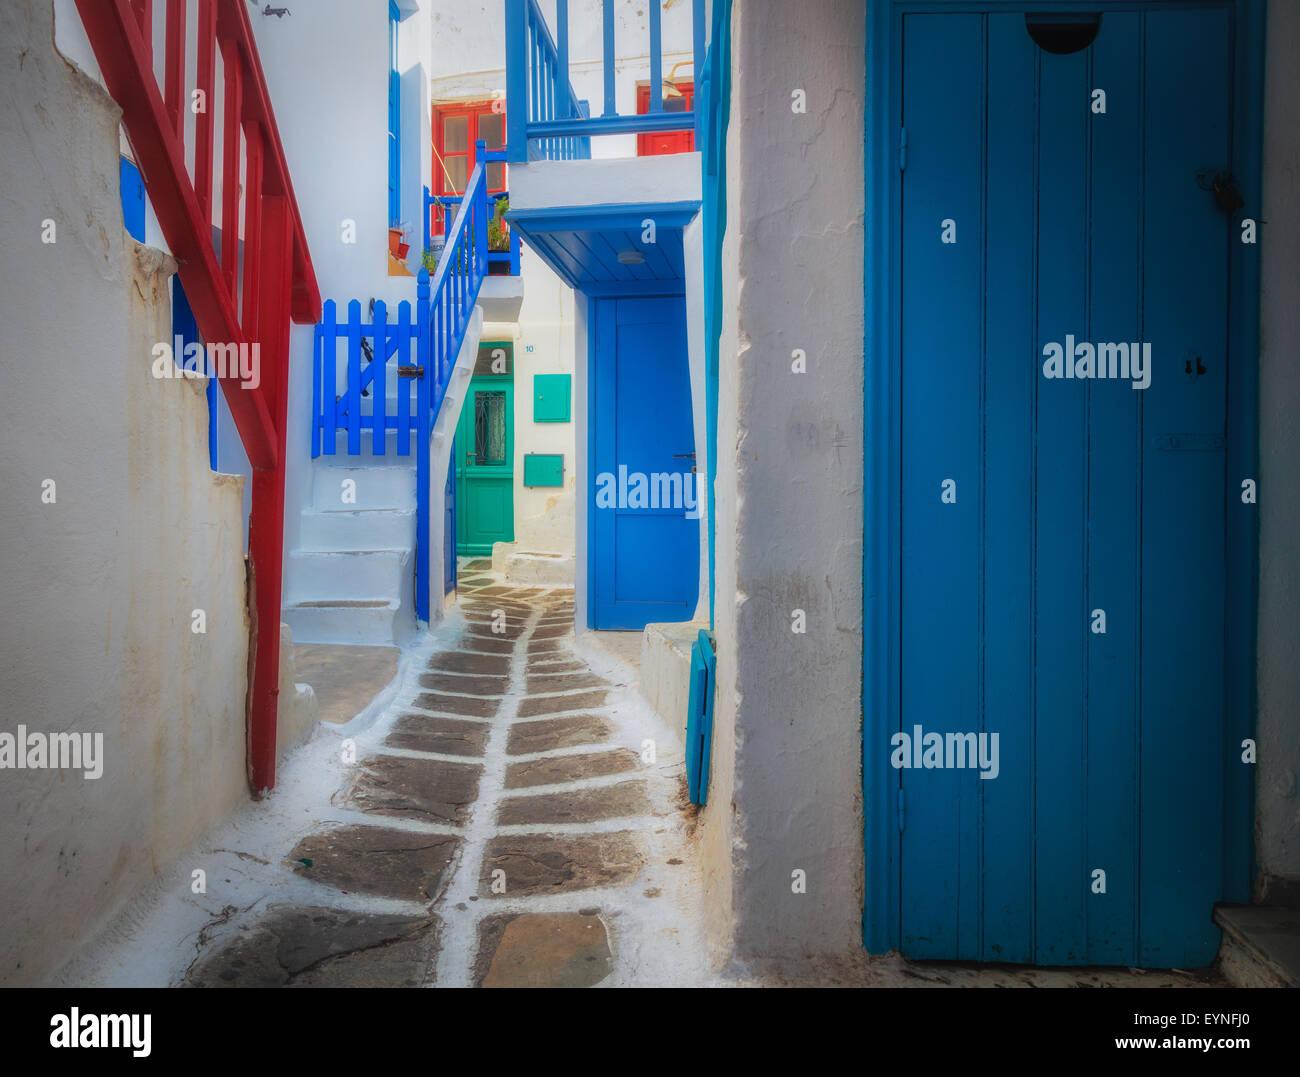 Las calles de la ciudad de Mykonos en la isla griega de Mykonos. Imagen De Stock